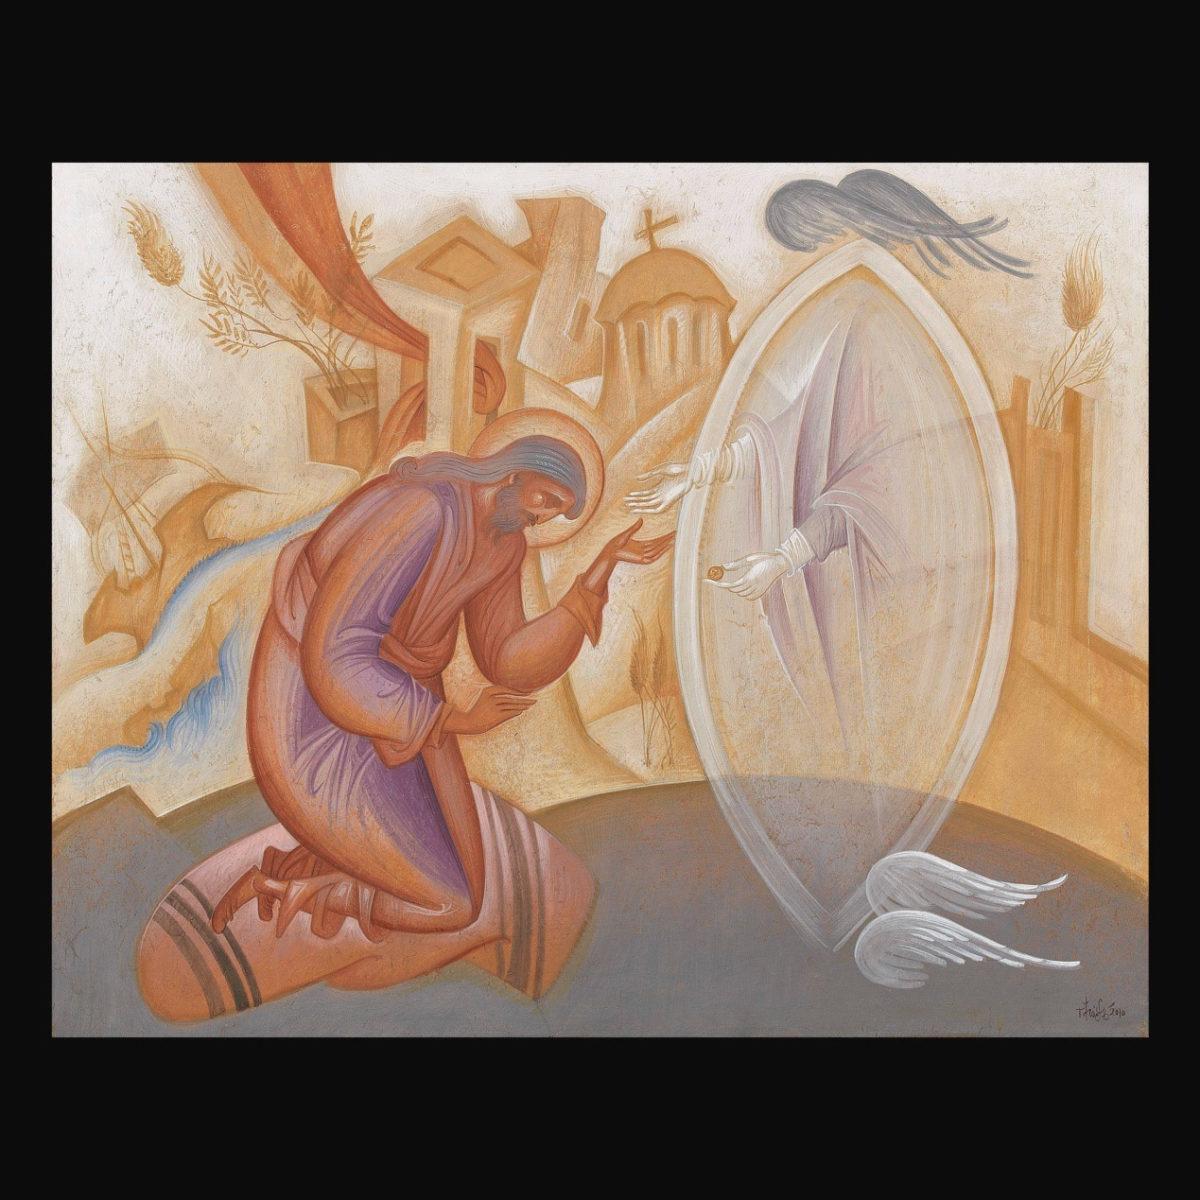 Γιώργος Κόρδης, «Το όραμα του αγίου Ιωάννη του Κουκουζέλη». Αυγοτέμπερα σε χαρτί επί ξύλου, 40x50 εκ.